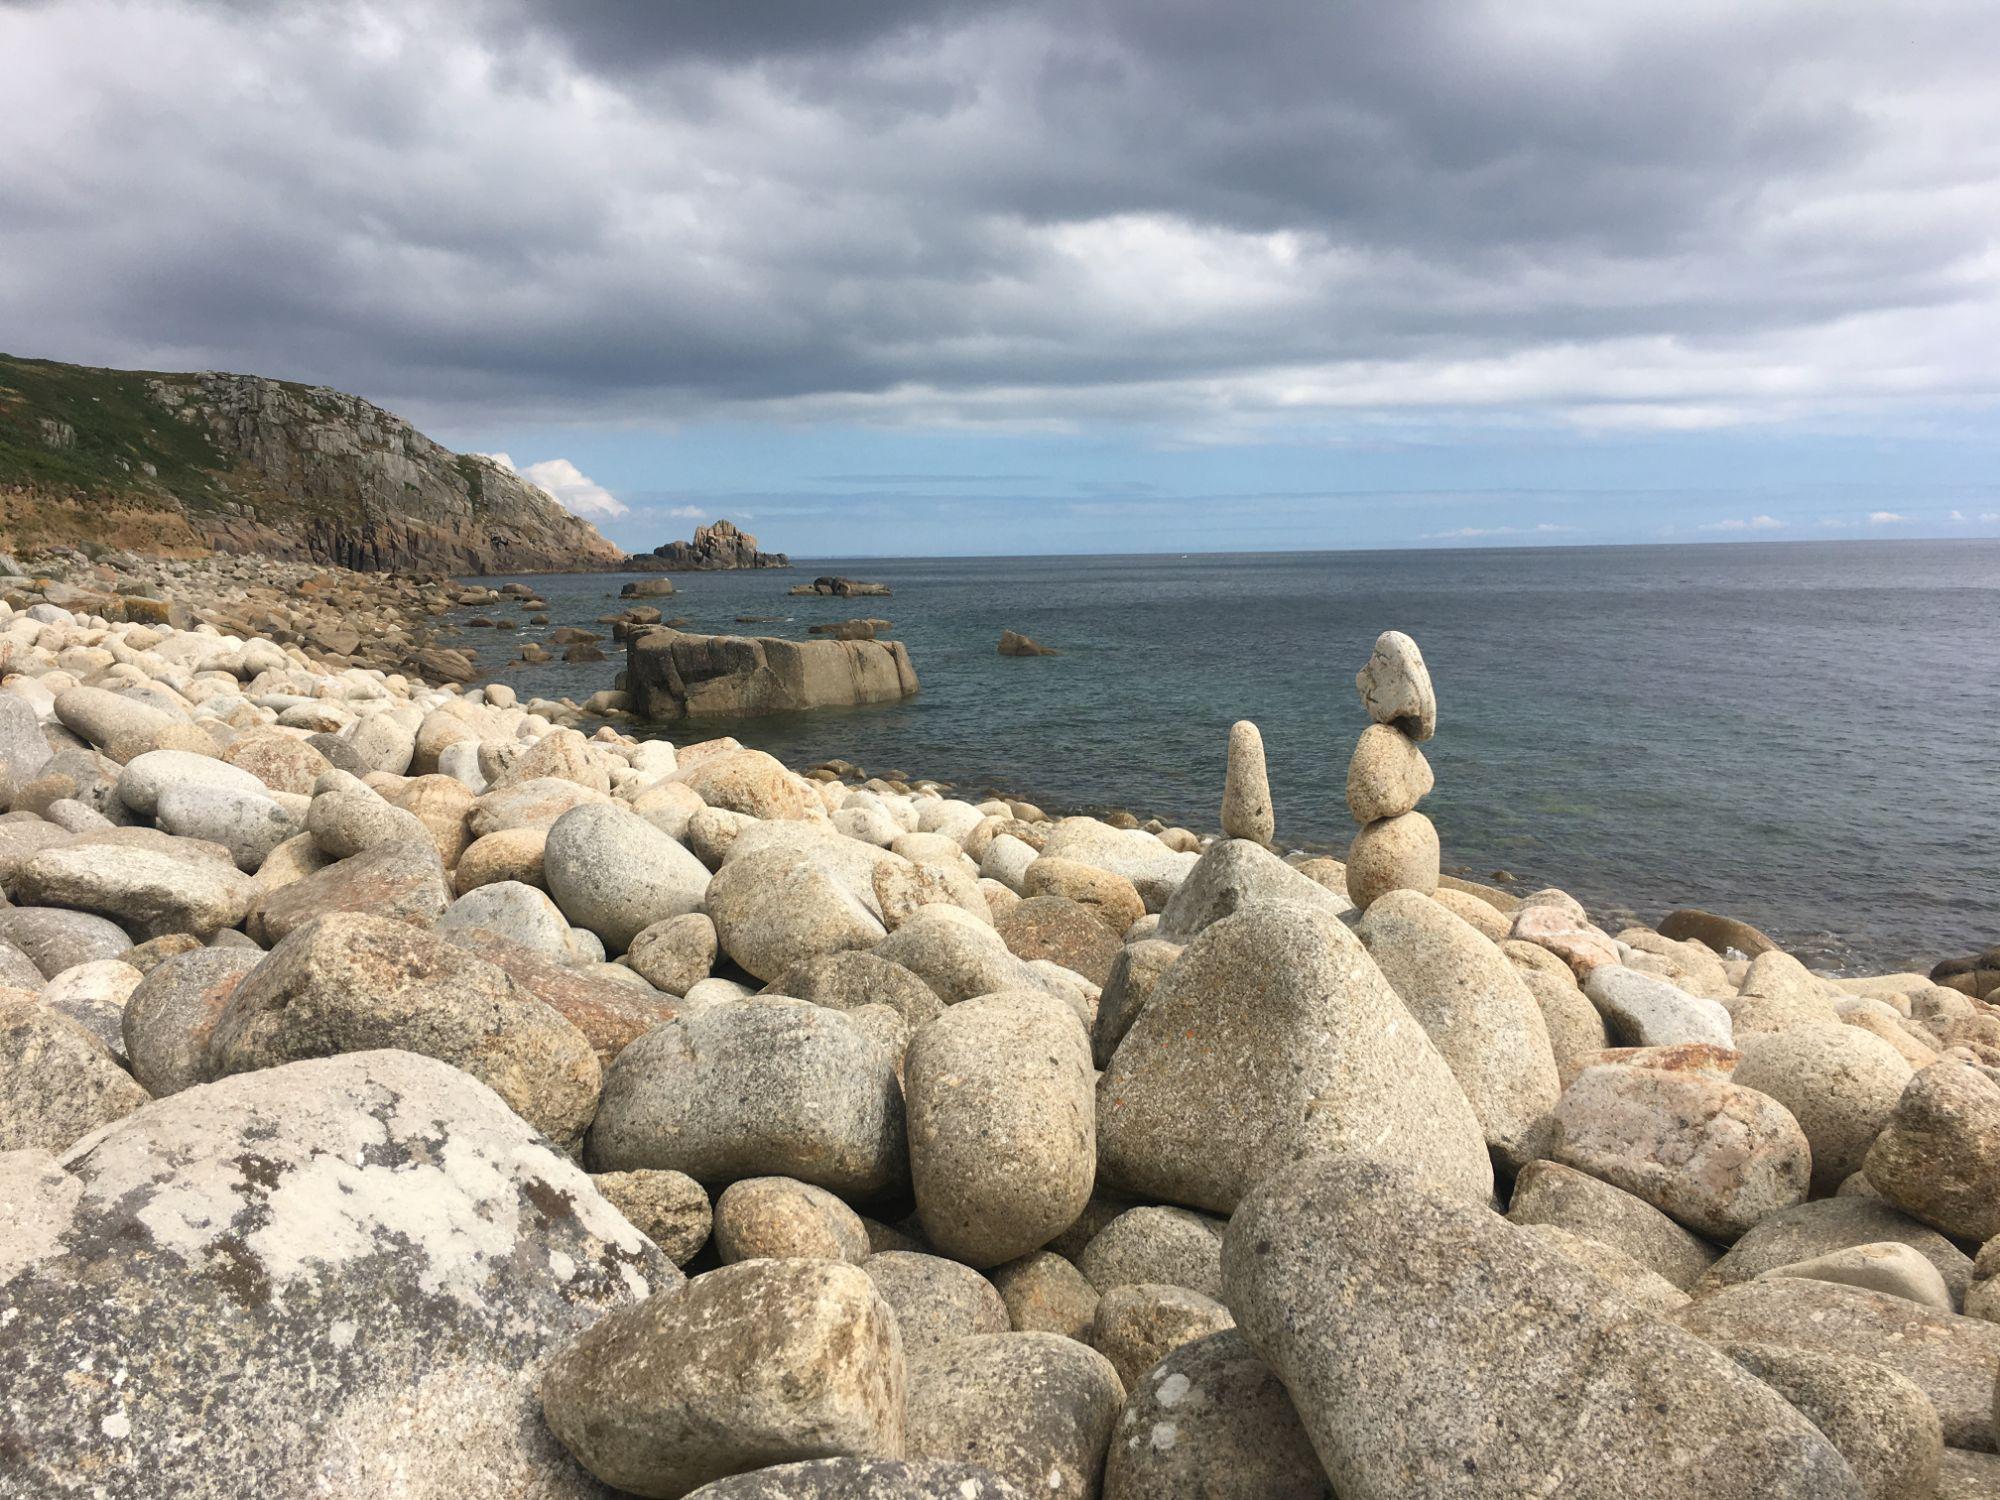 East towards Lamorna Cove